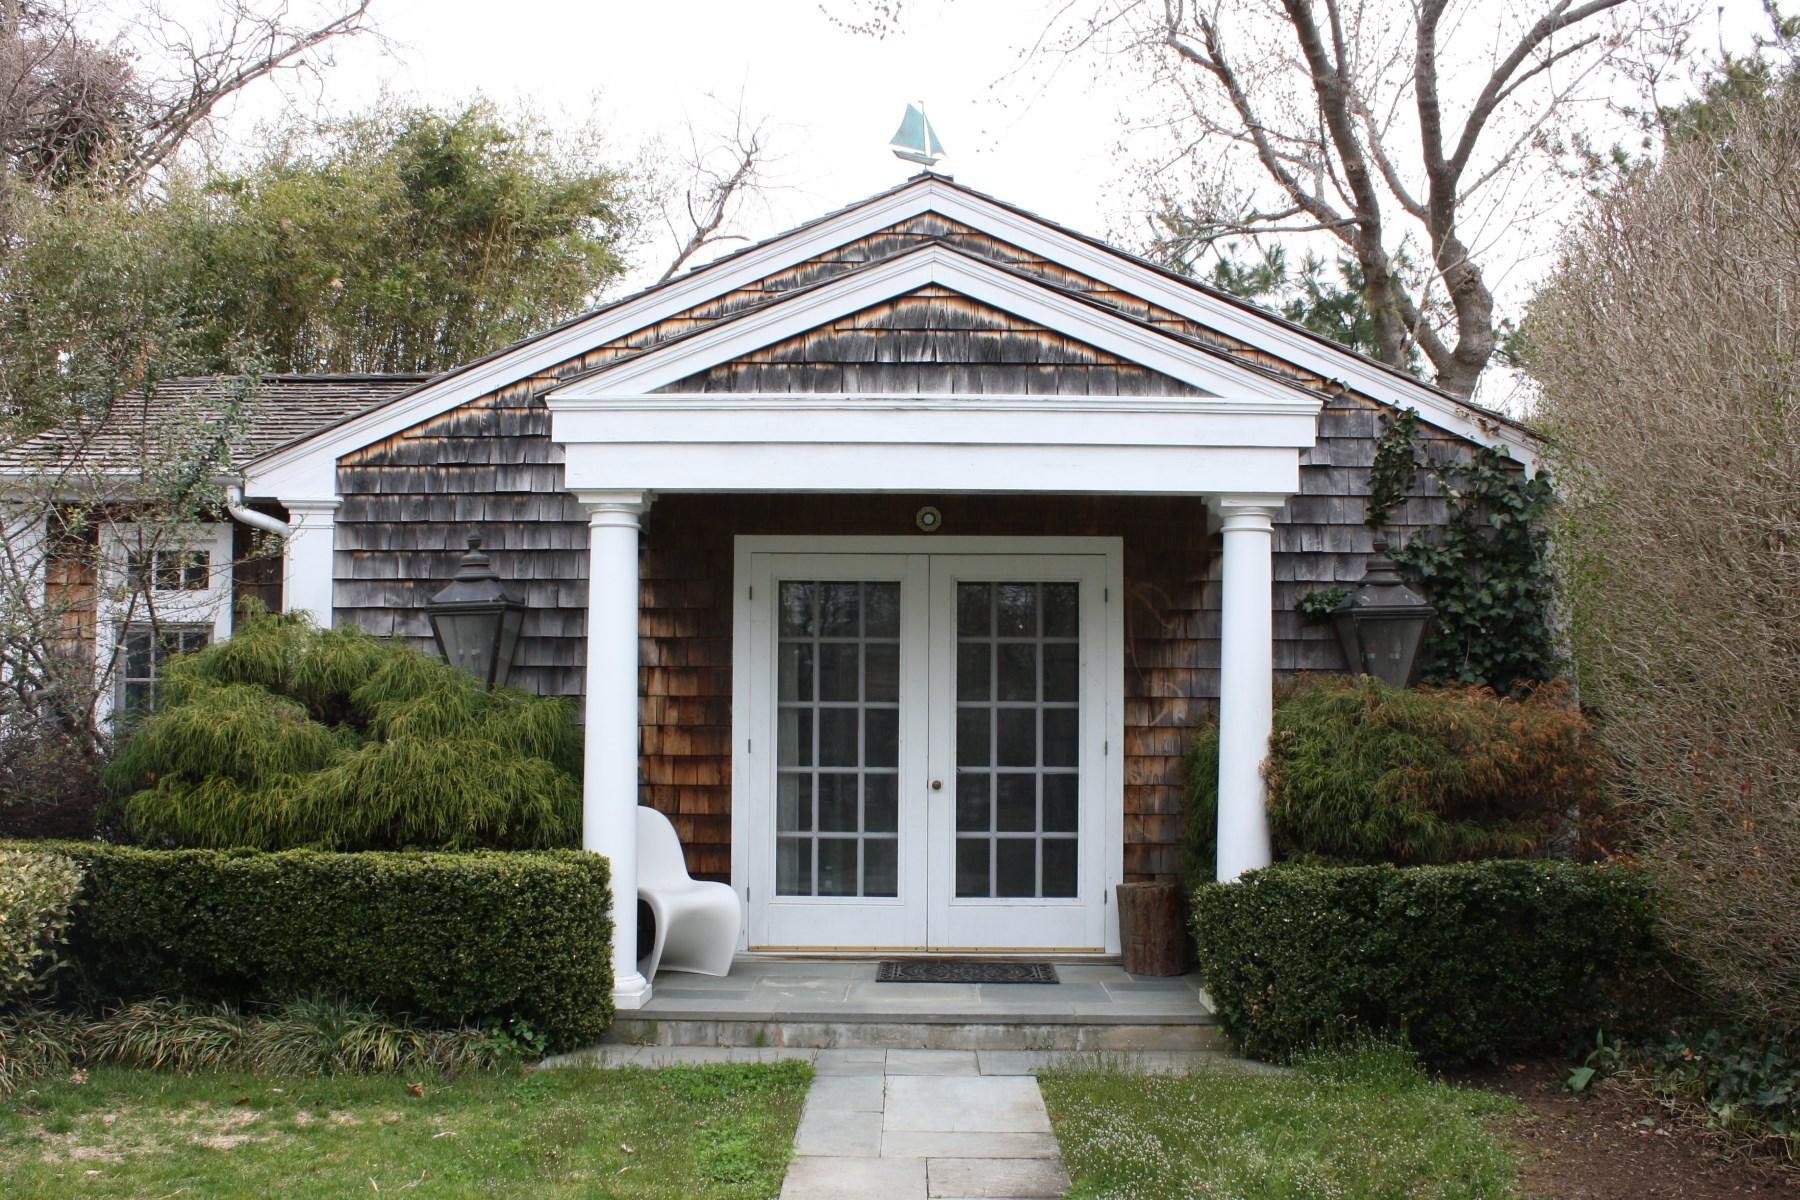 Additional photo for property listing at Sag Harbor Village Cottage 58 Bayviewavenue Sag Harbor, New York 11963 United States